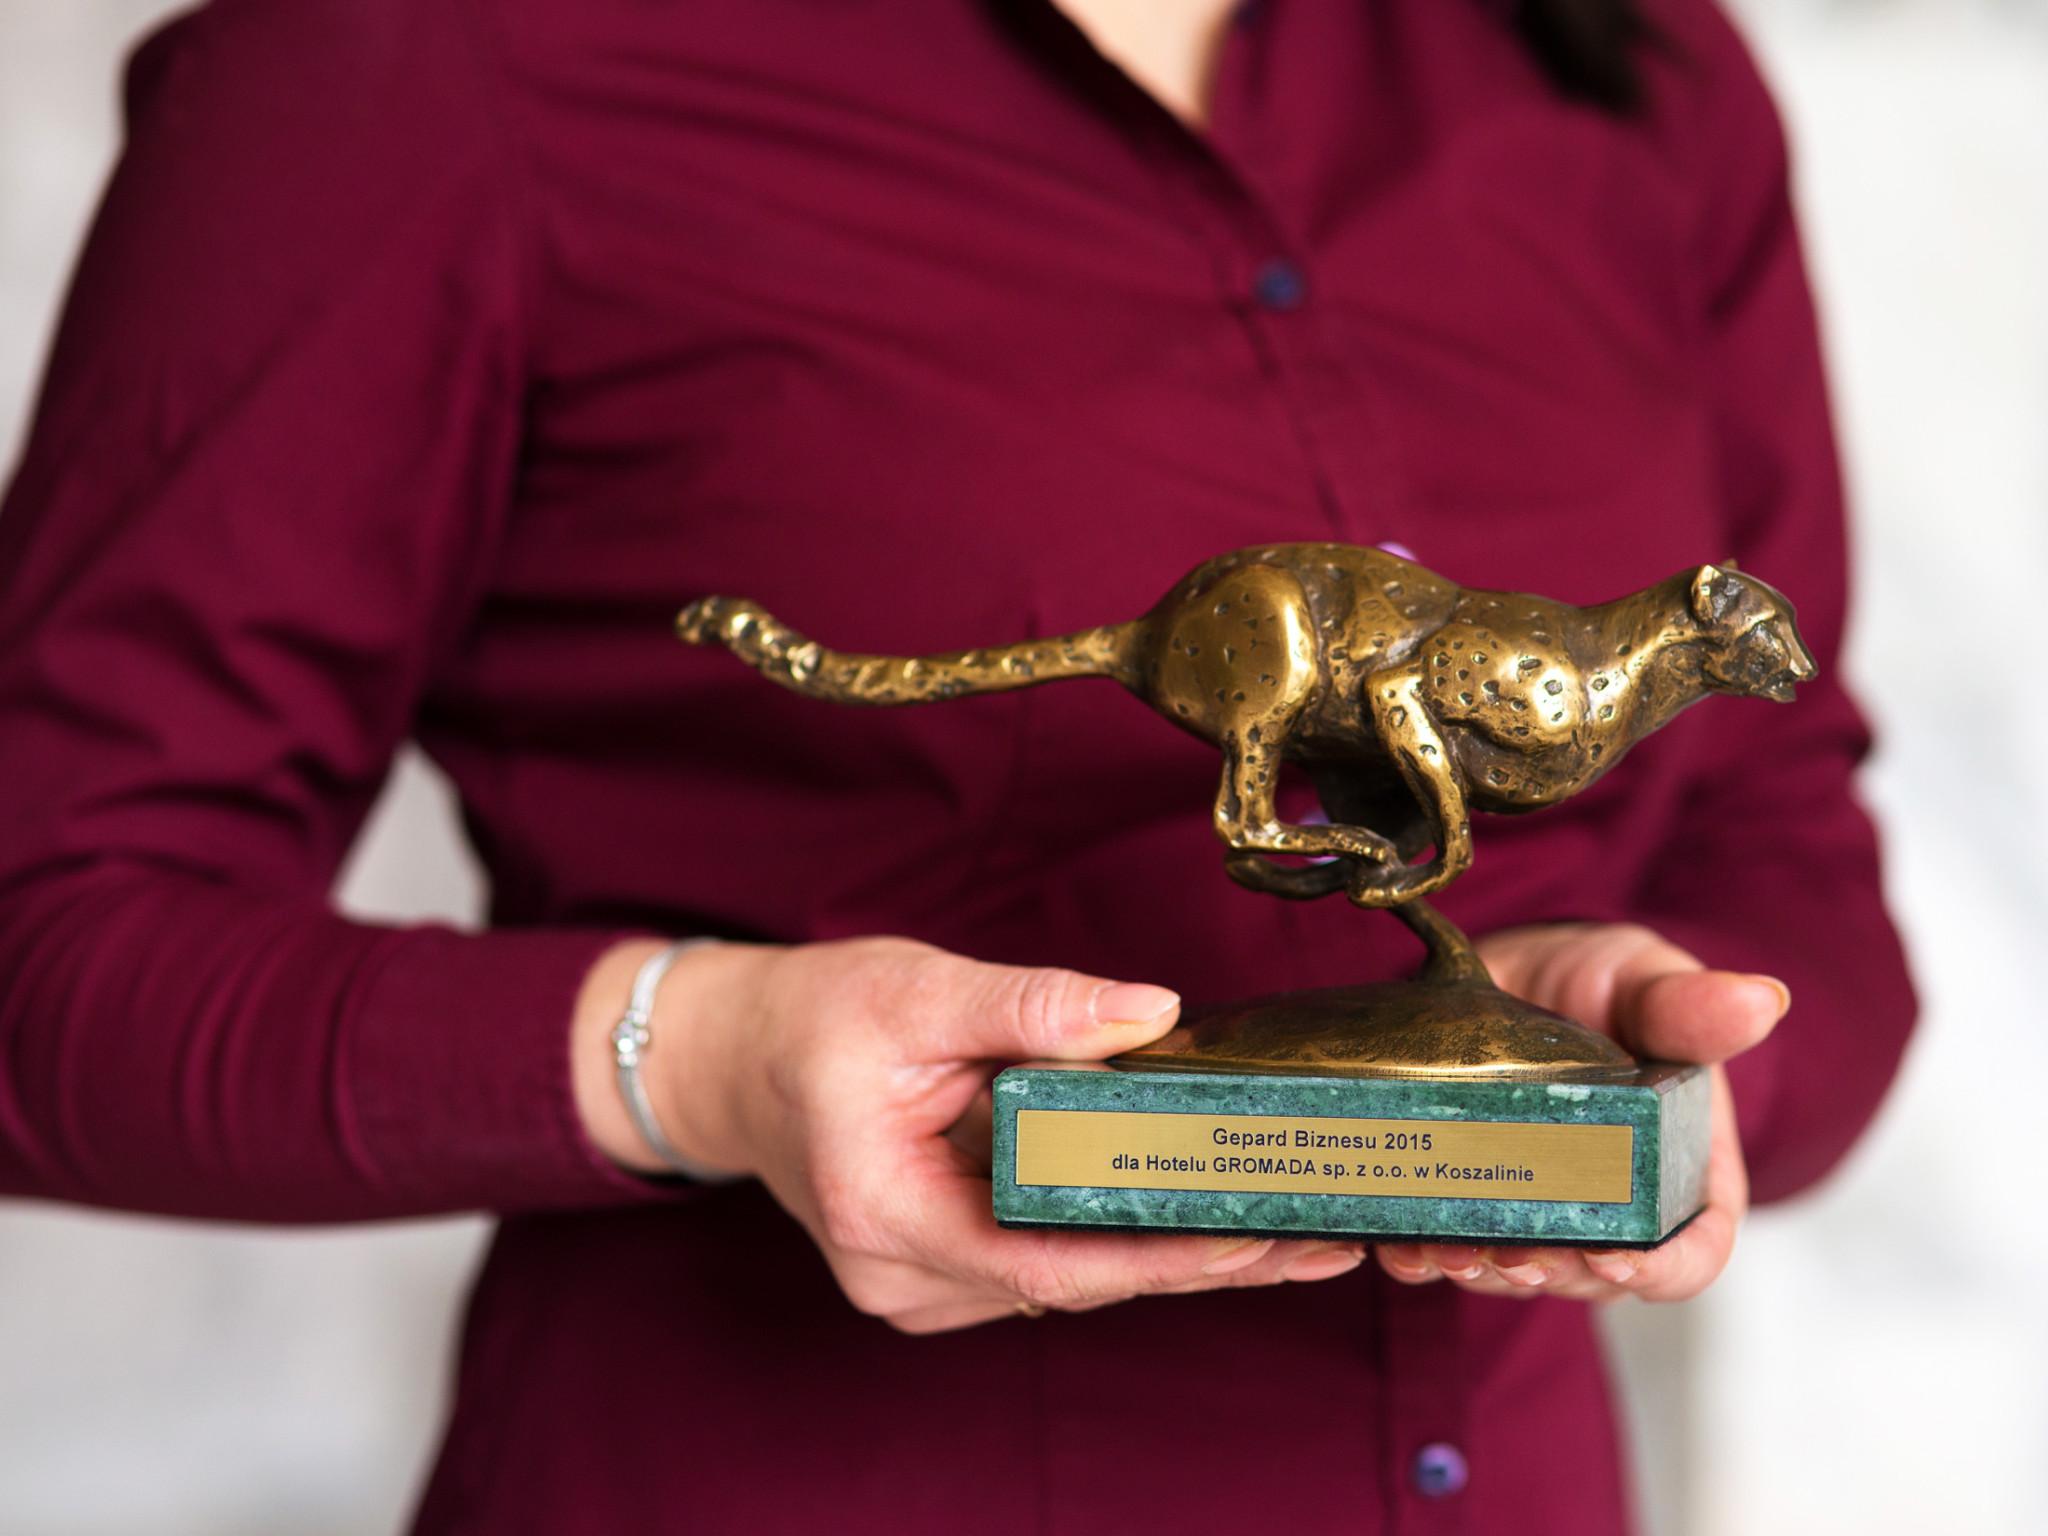 Nagroda Geparda, jedno z niedawno zdobytych wyróżnień